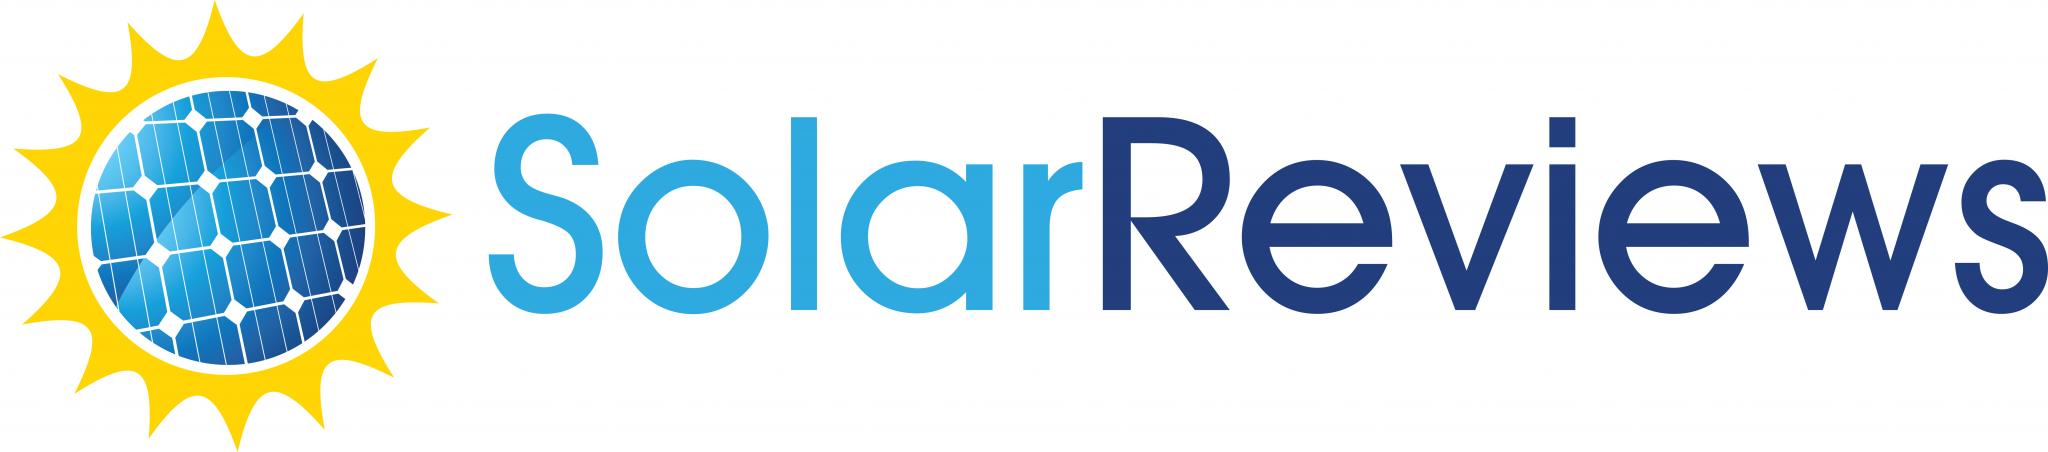 solar-reviews-logo